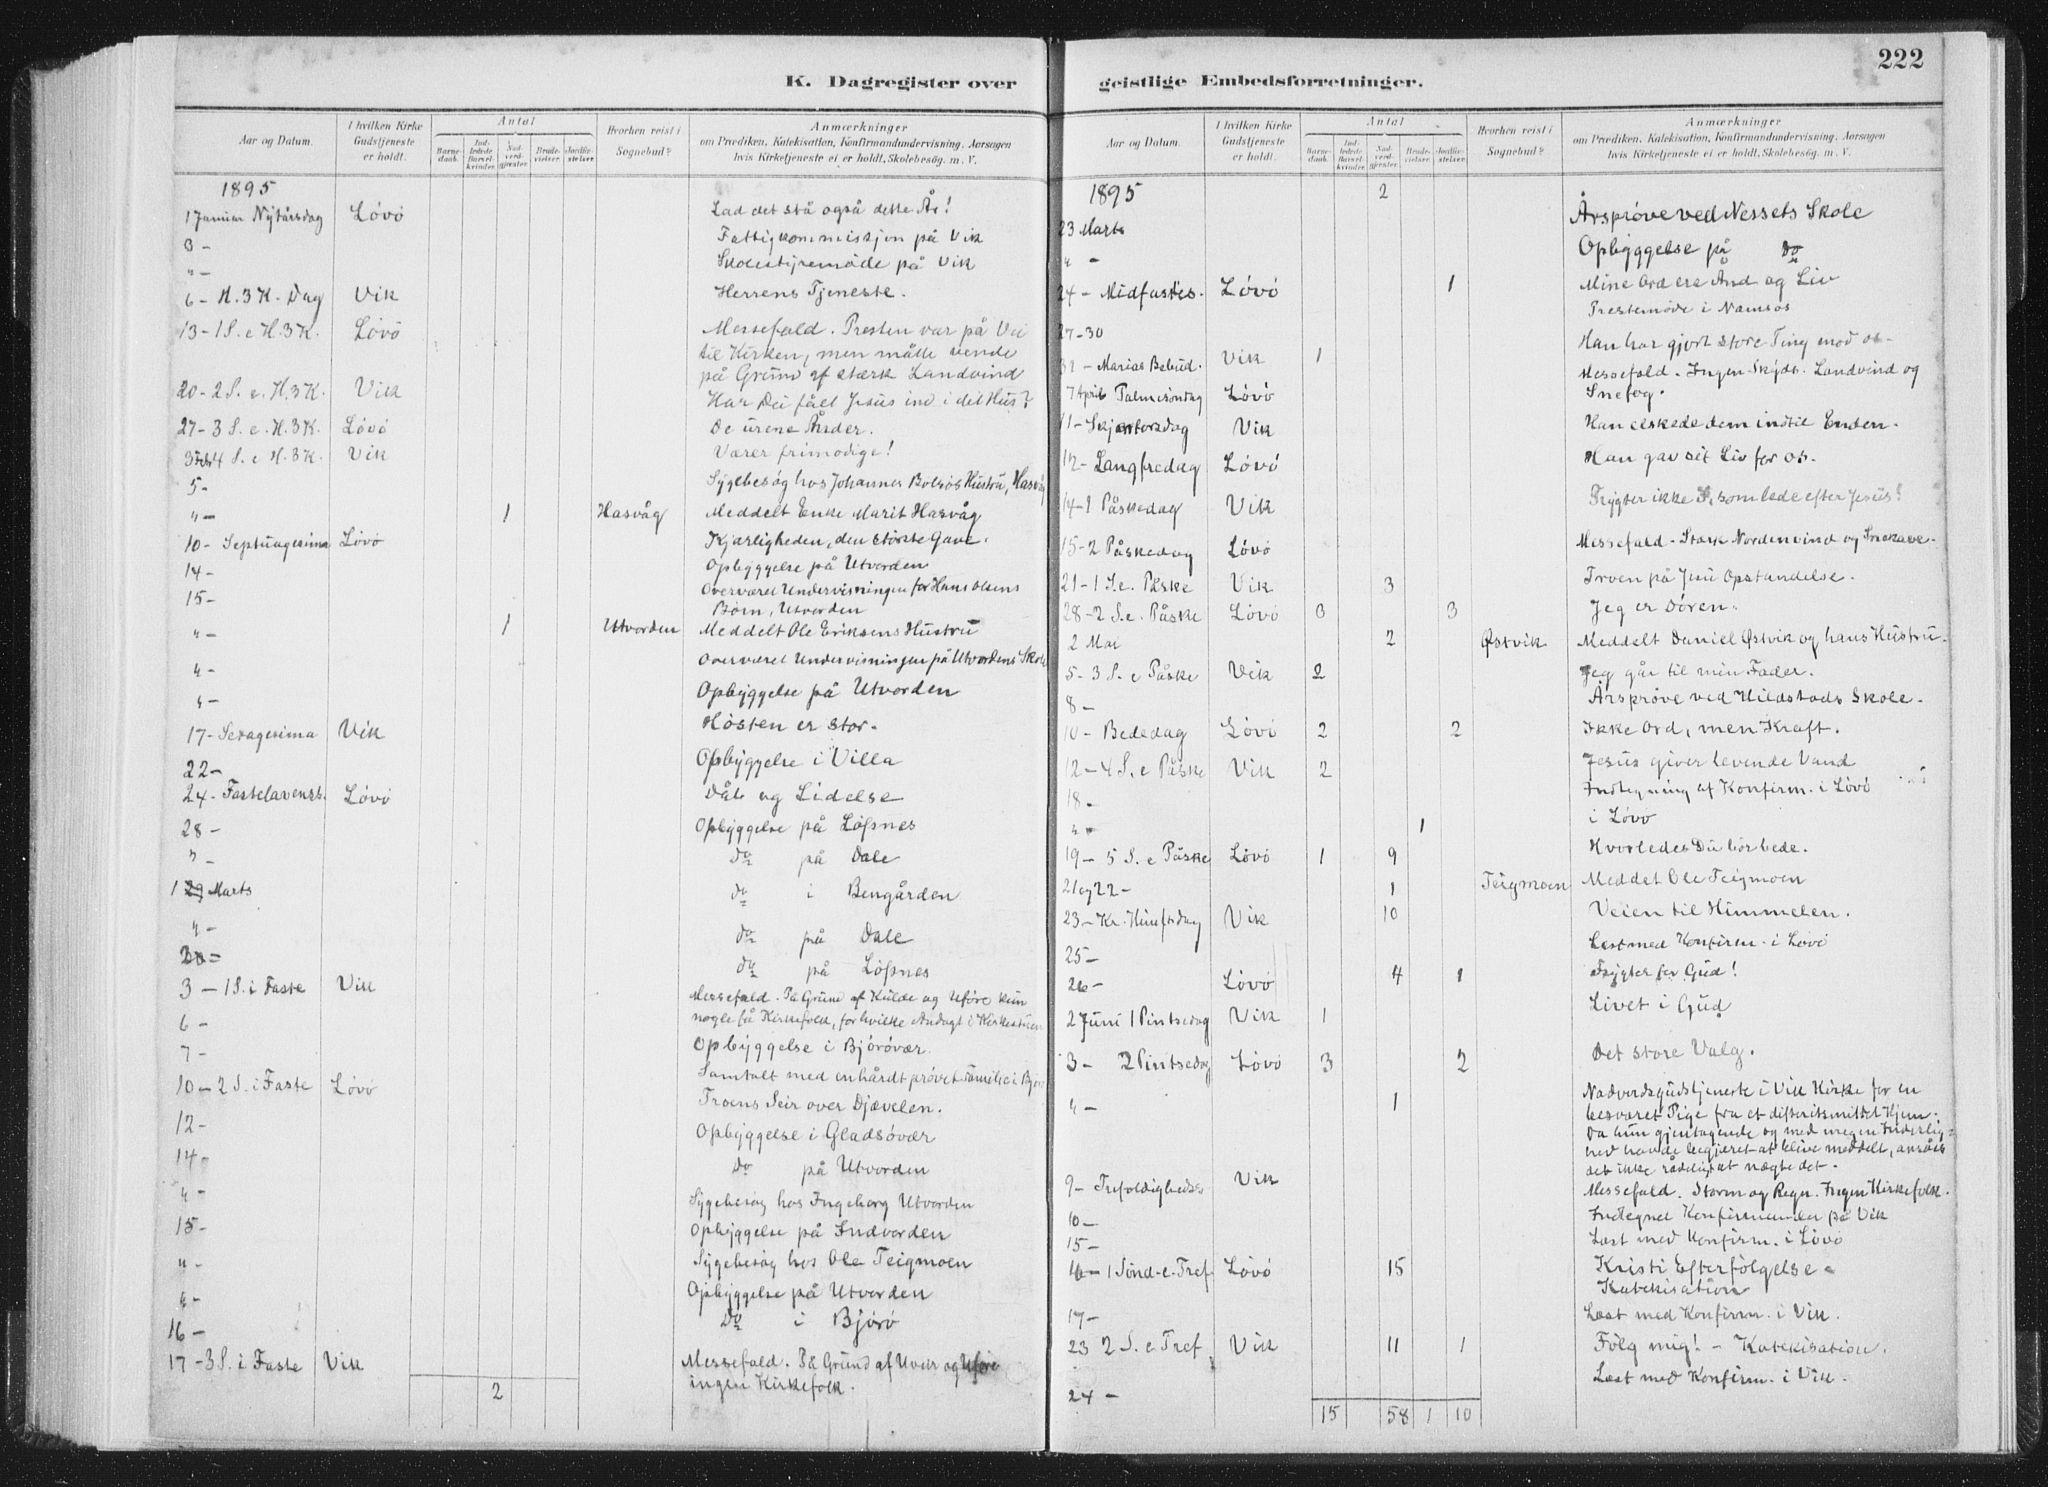 SAT, Ministerialprotokoller, klokkerbøker og fødselsregistre - Nord-Trøndelag, 771/L0597: Ministerialbok nr. 771A04, 1885-1910, s. 222